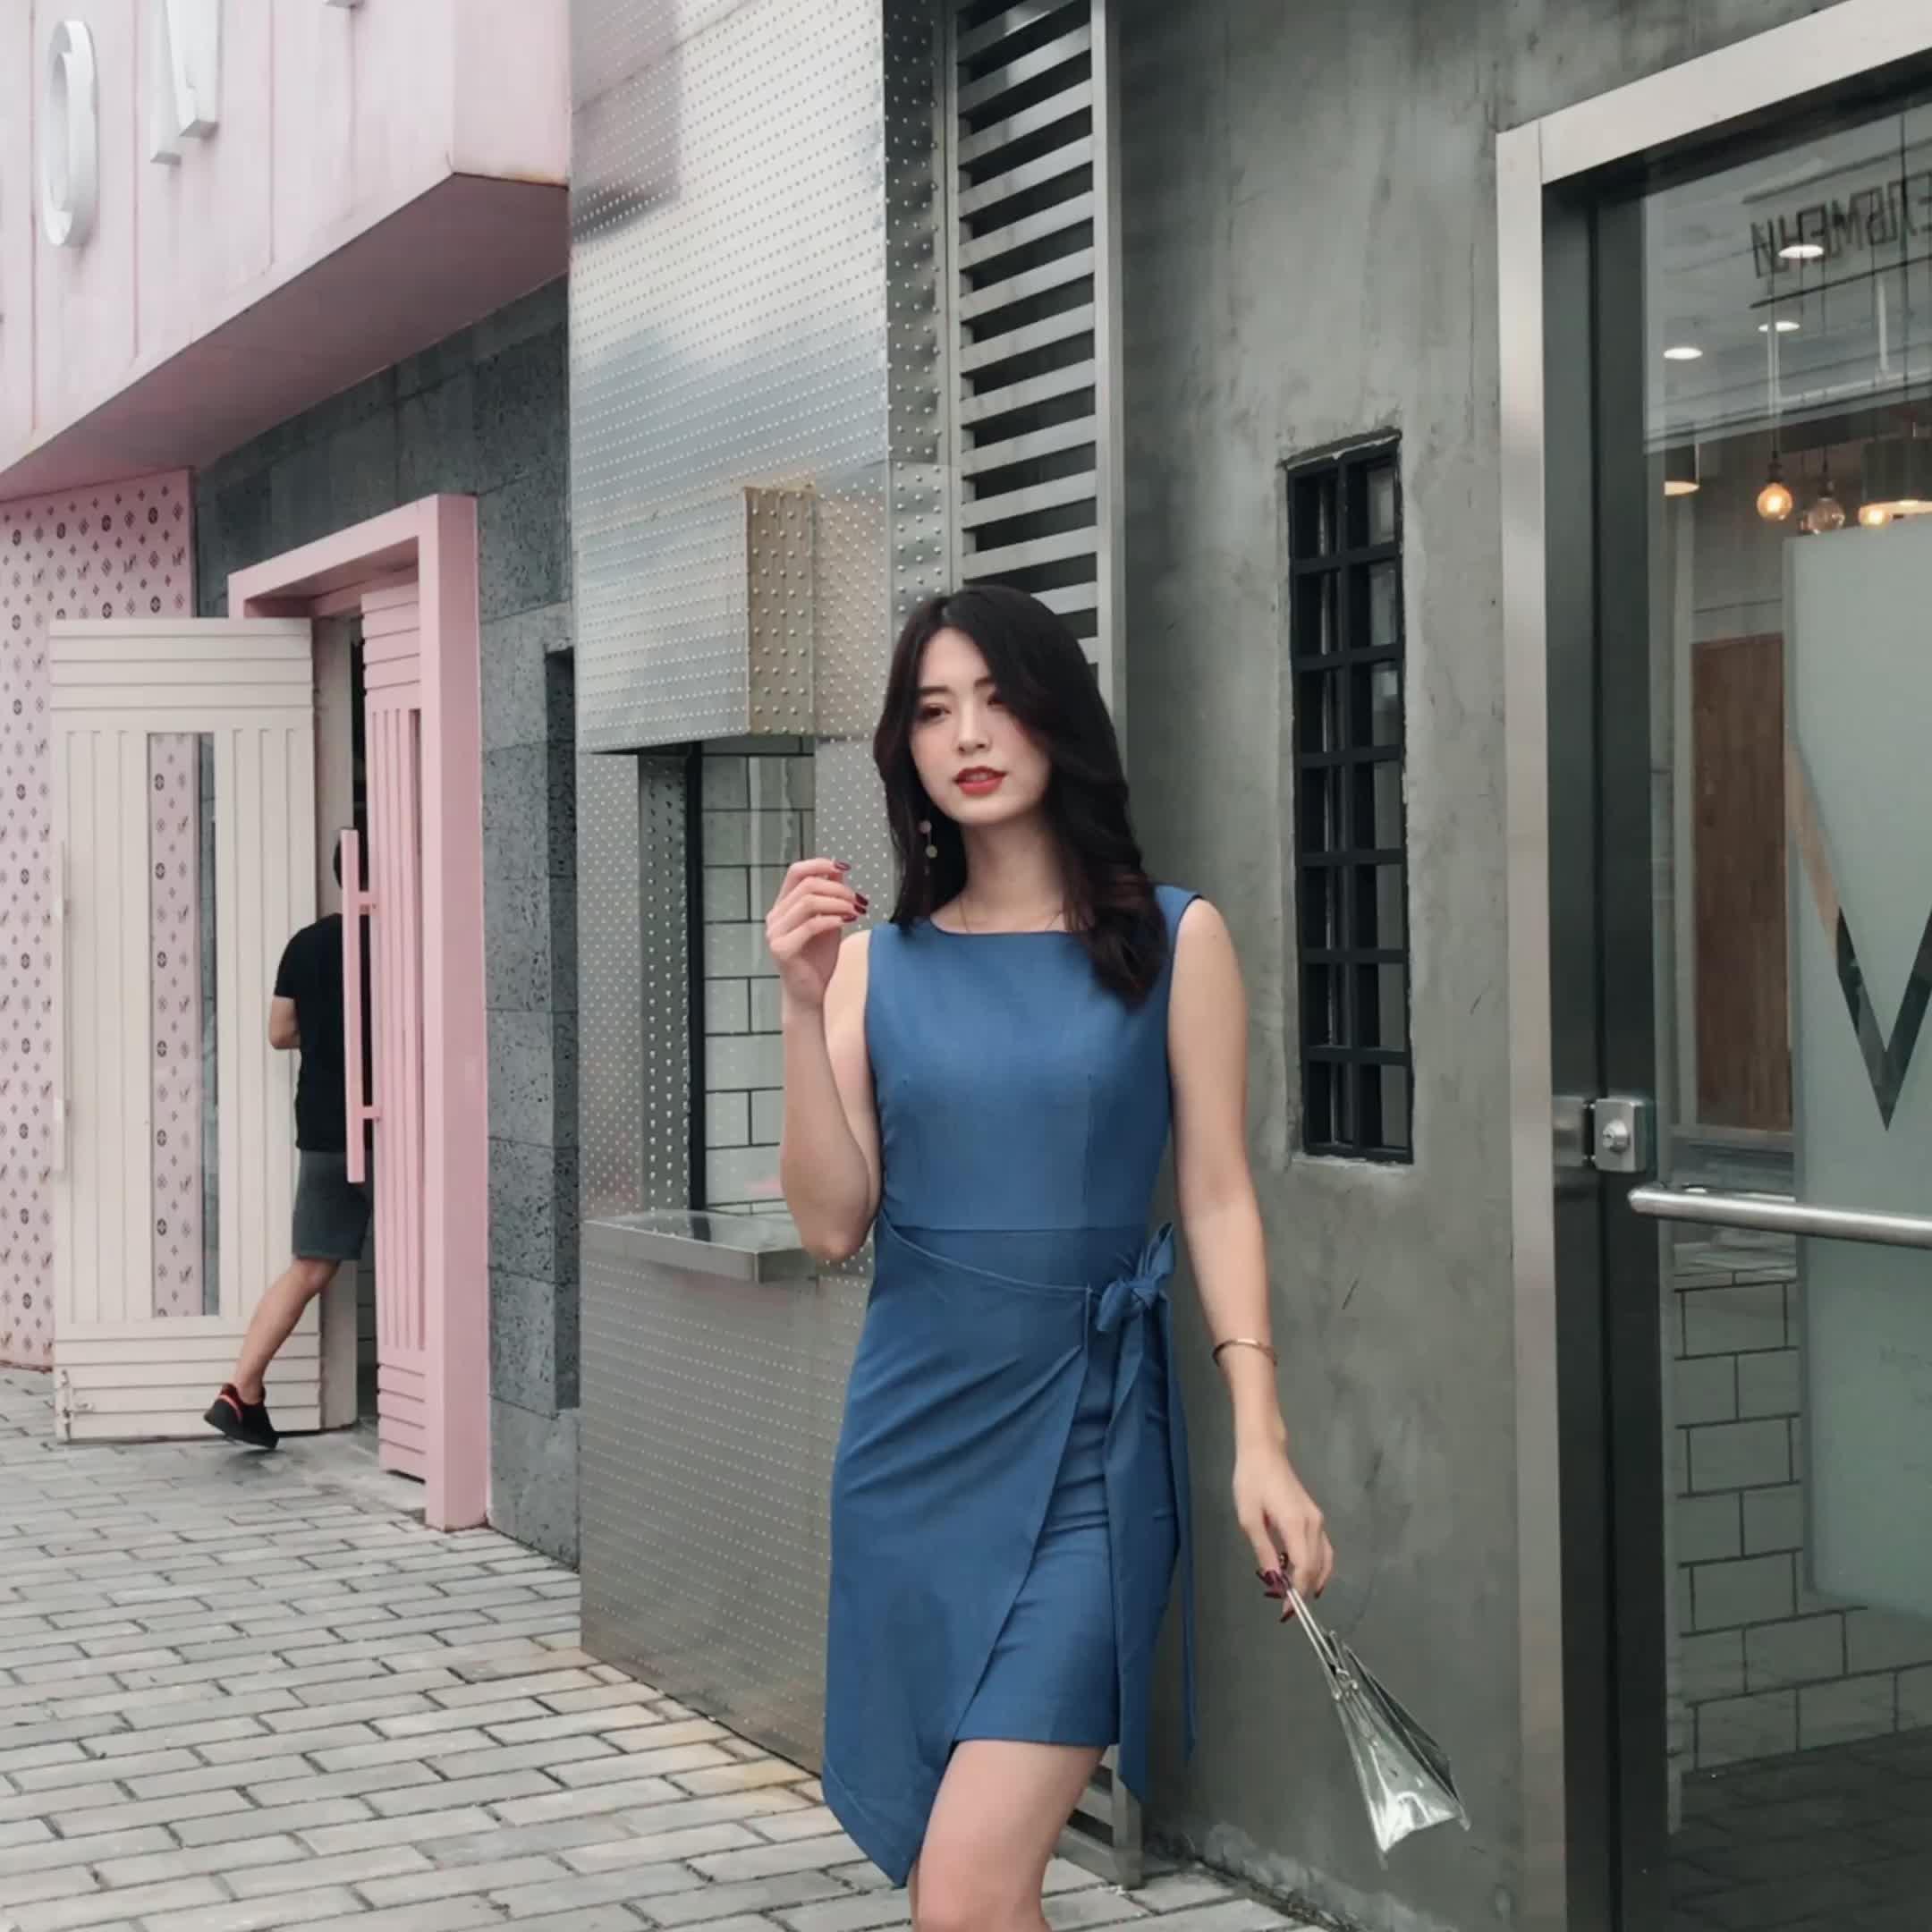 夏裝2019新款女修身顯瘦不對稱蝴蝶結綁帶小露背包臀連衣裙LB2157